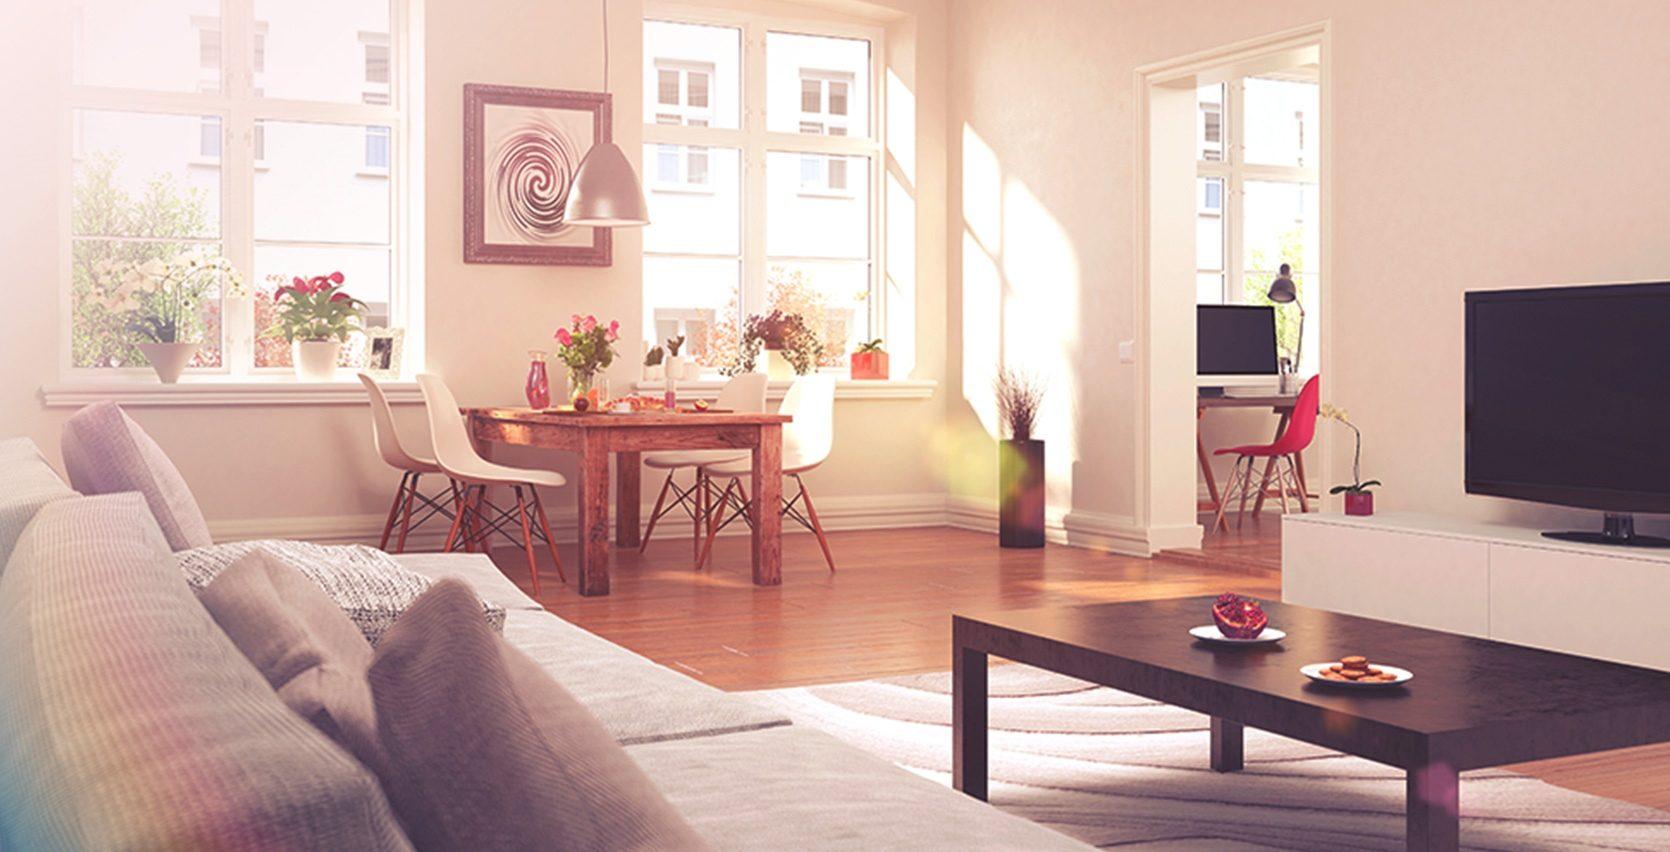 En stue med sofa, sofabord, tv og spisebord. Masse lys fra vinduer